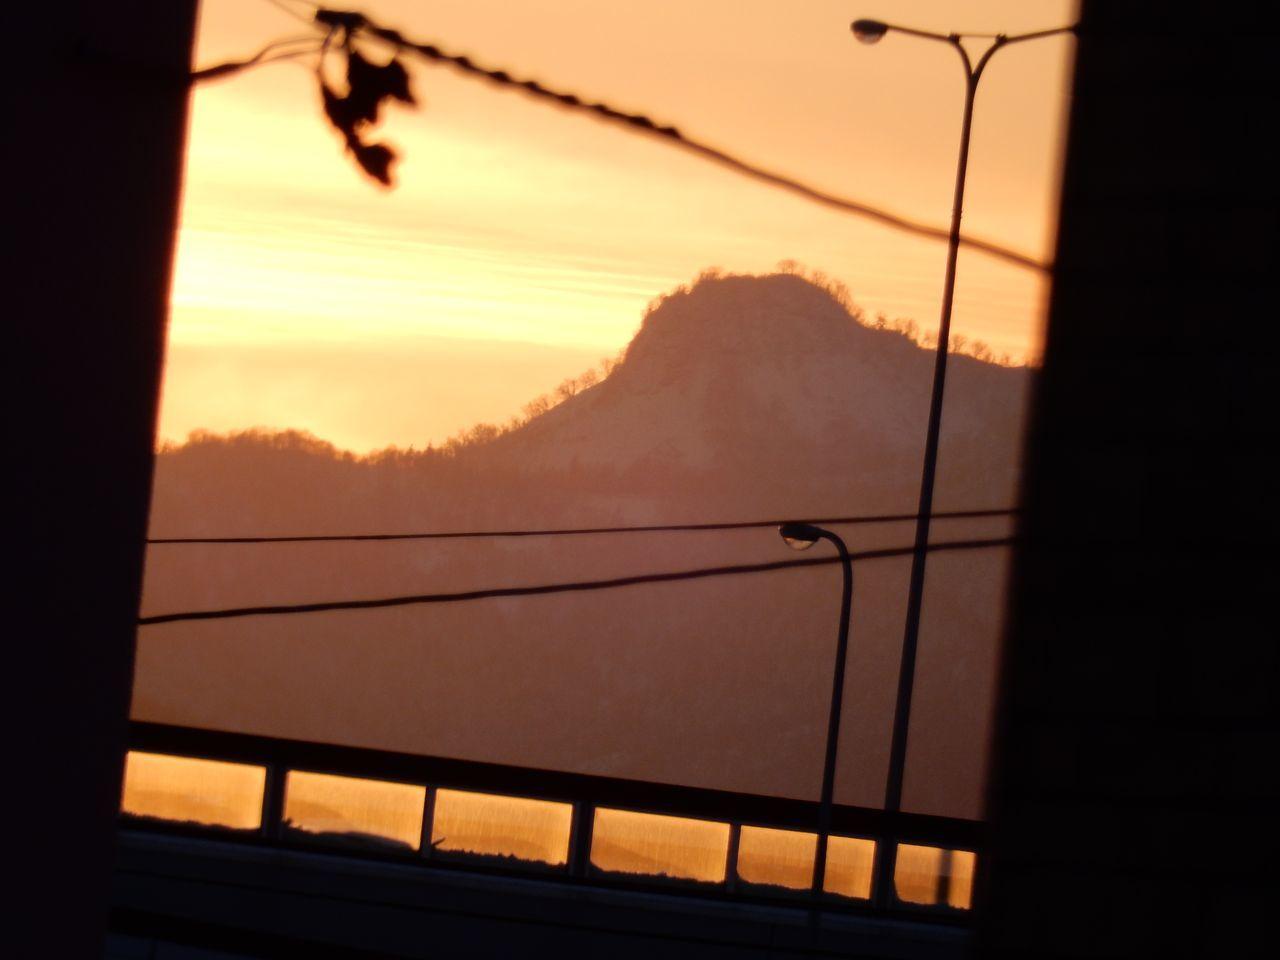 私の部屋から見える山(神威岳)_c0025115_20374195.jpg